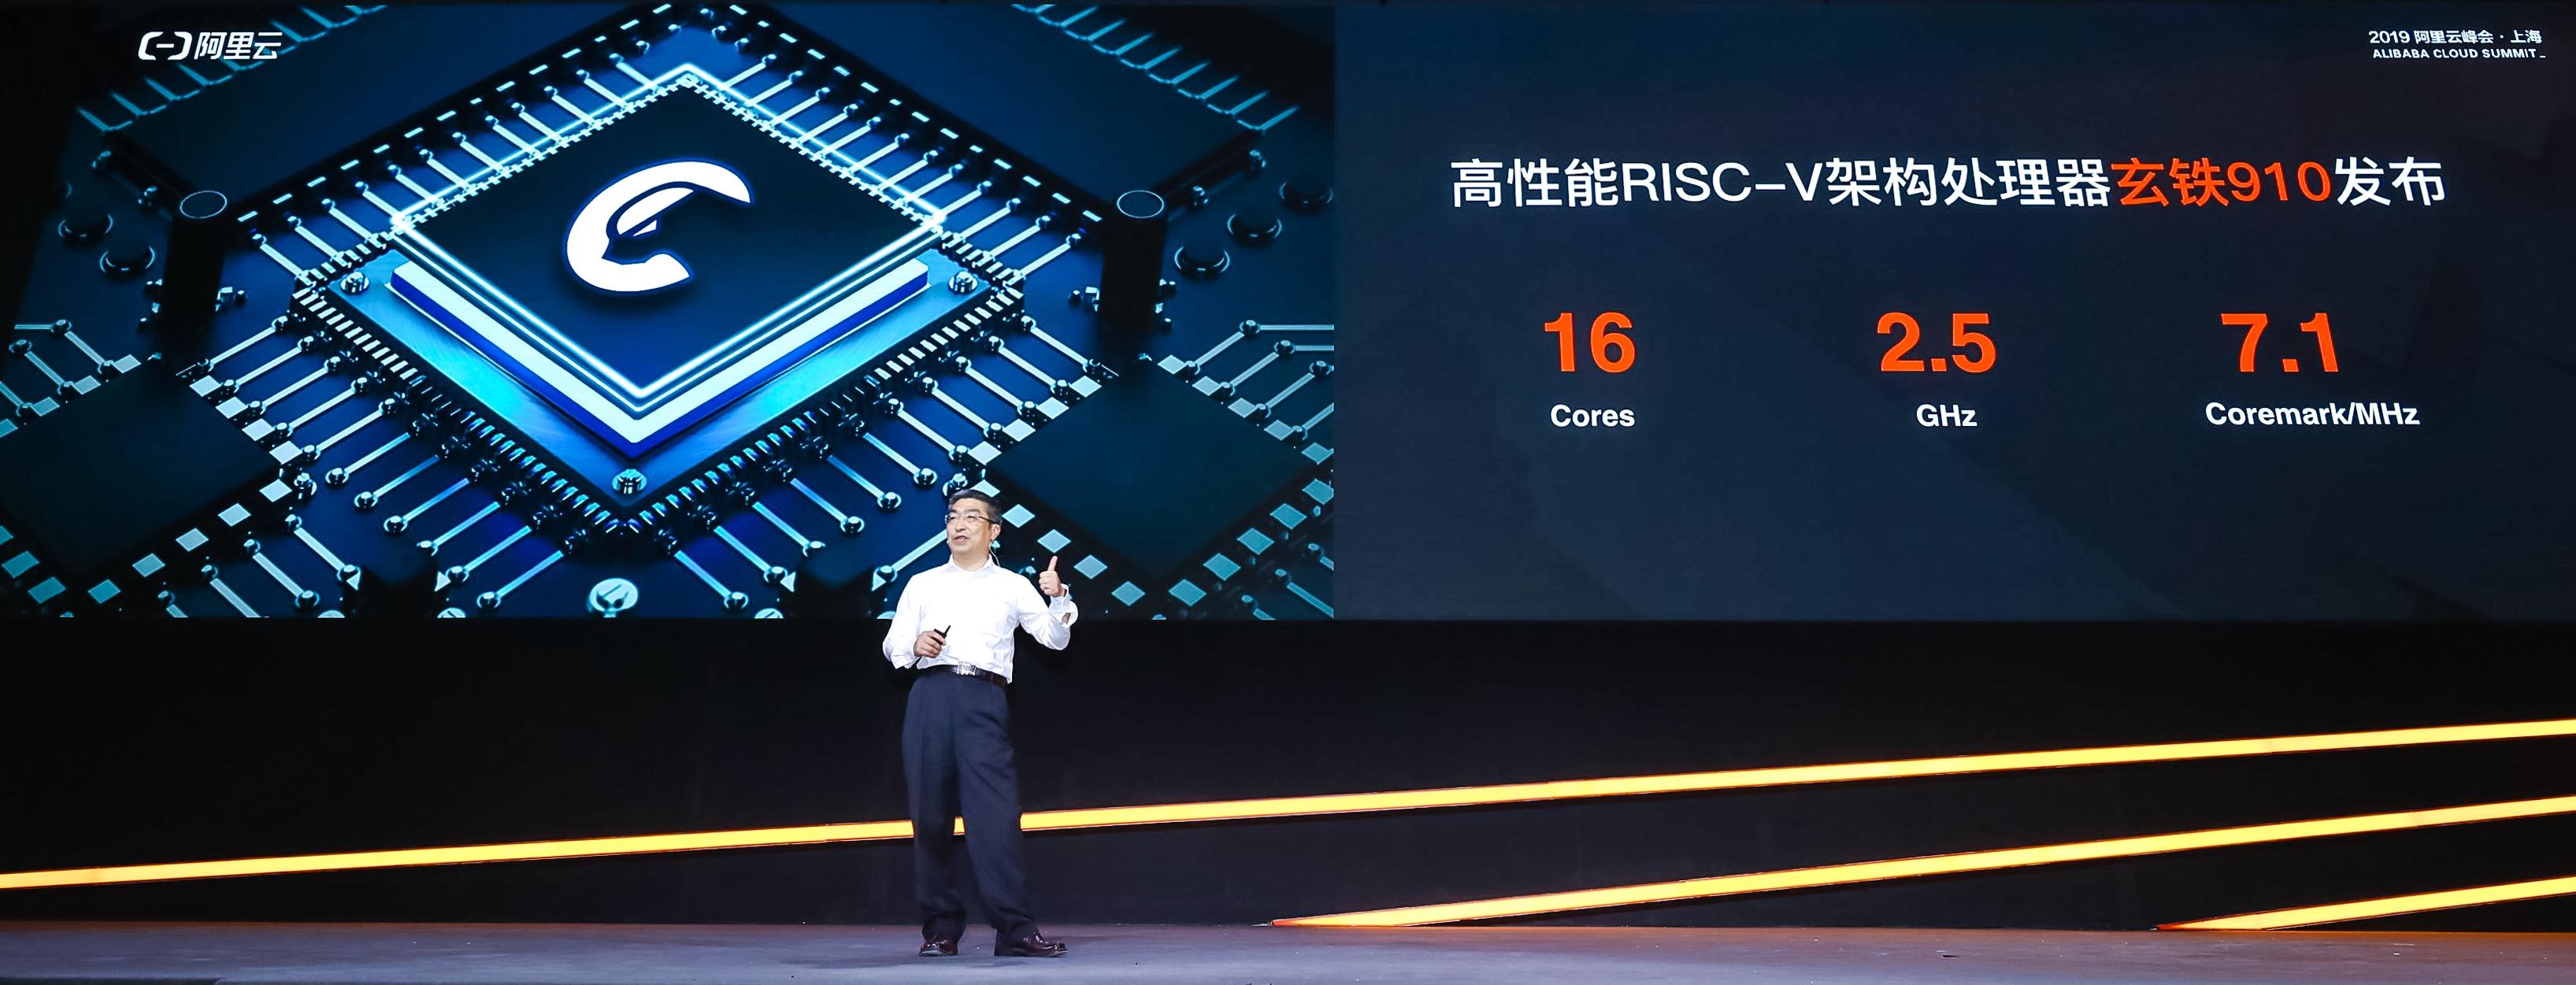 平头哥发布RISC-V处理器玄铁910 芯片成本降低一半